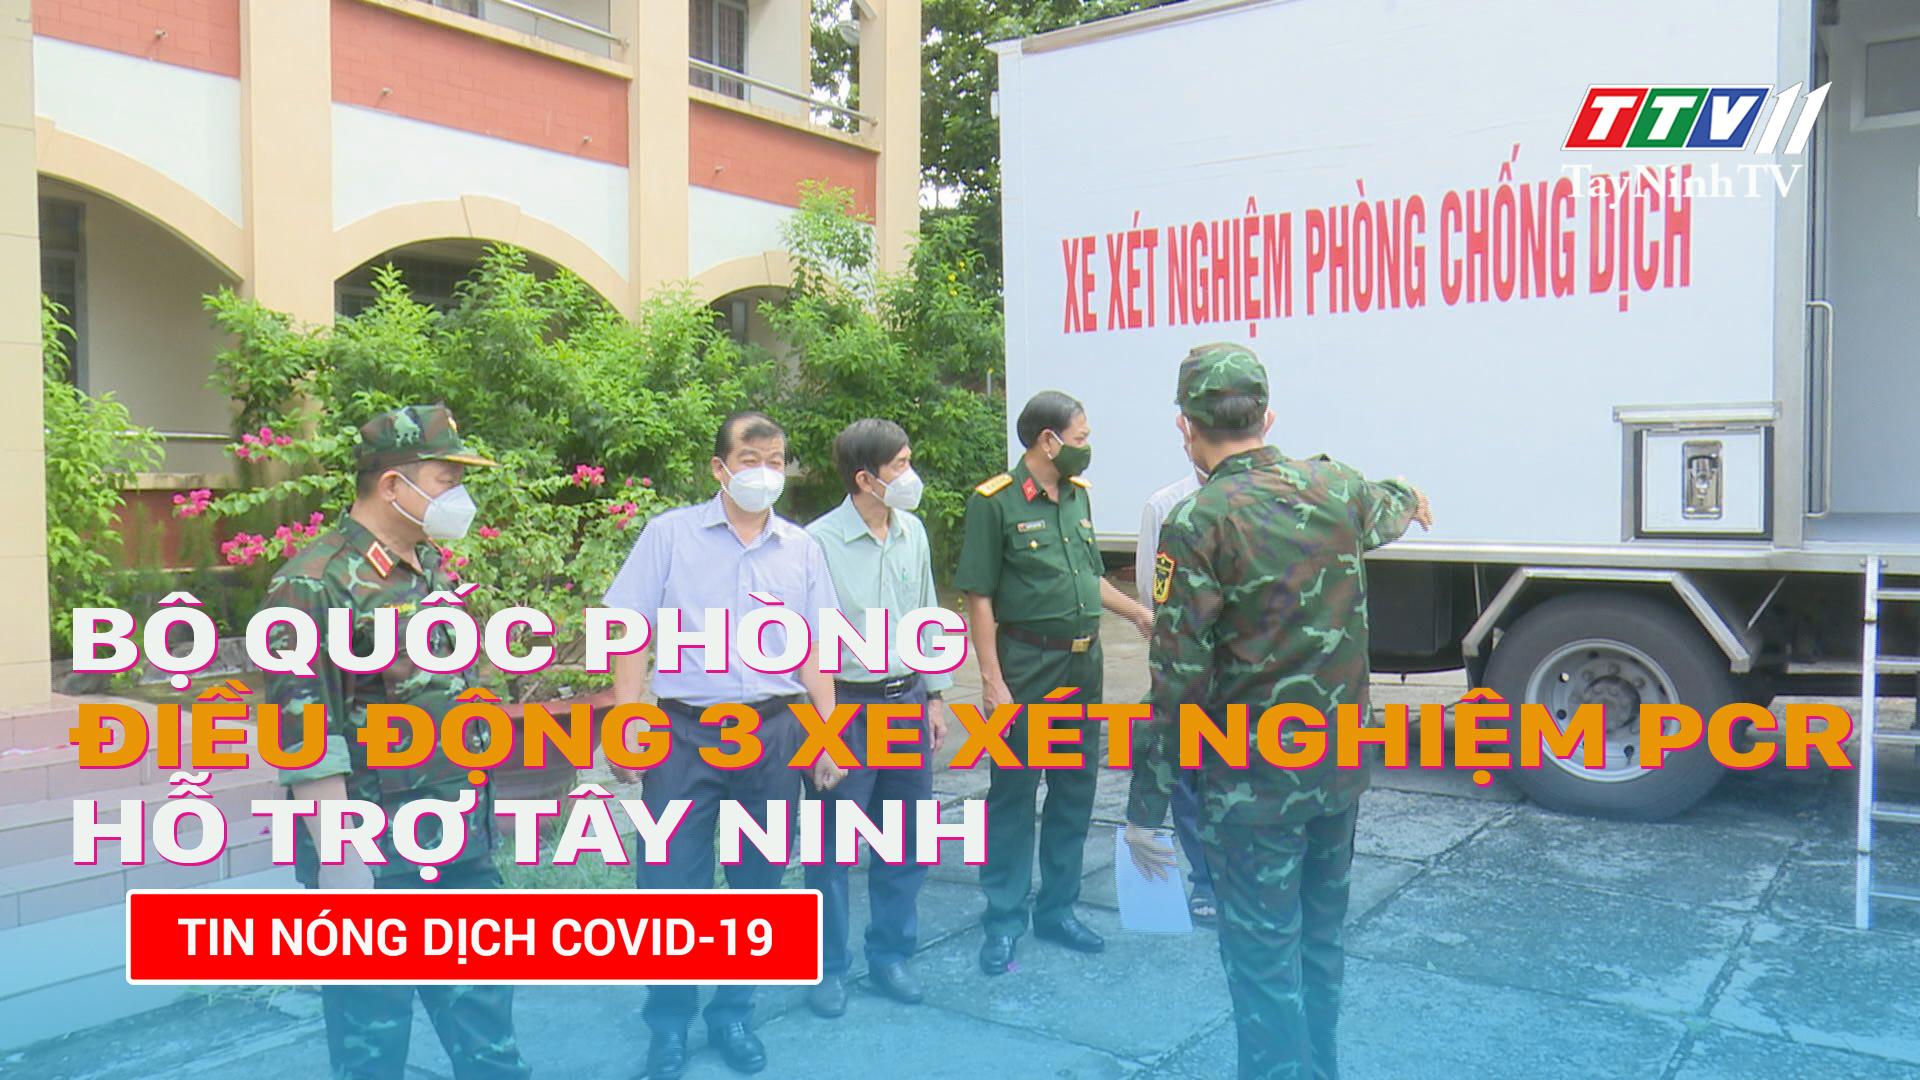 Bộ Quốc phòng điều động 3 xe xét nghiệm PCR hỗ trợ tỉnh Tây Ninh chống dịch | TayNinhTV